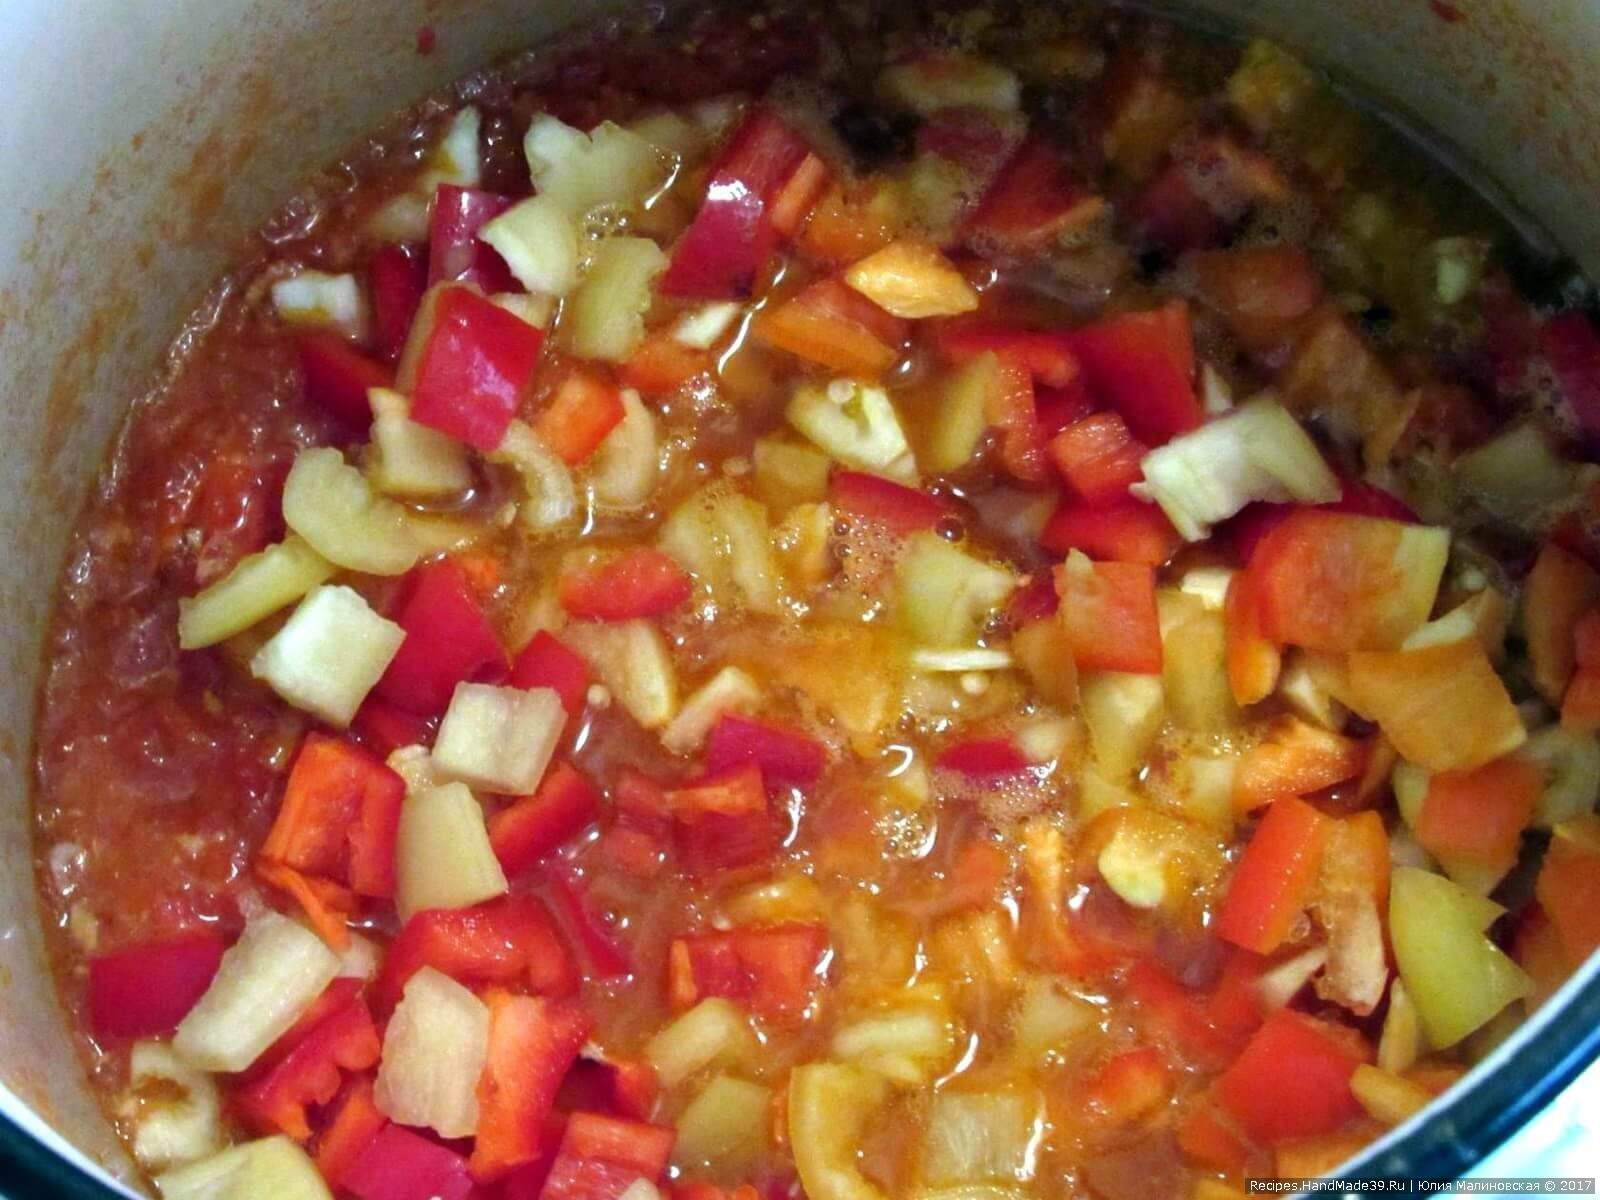 В кипящий соус всыпать перец и варить ещё 15 мин при слабом кипении, постоянно помешивая